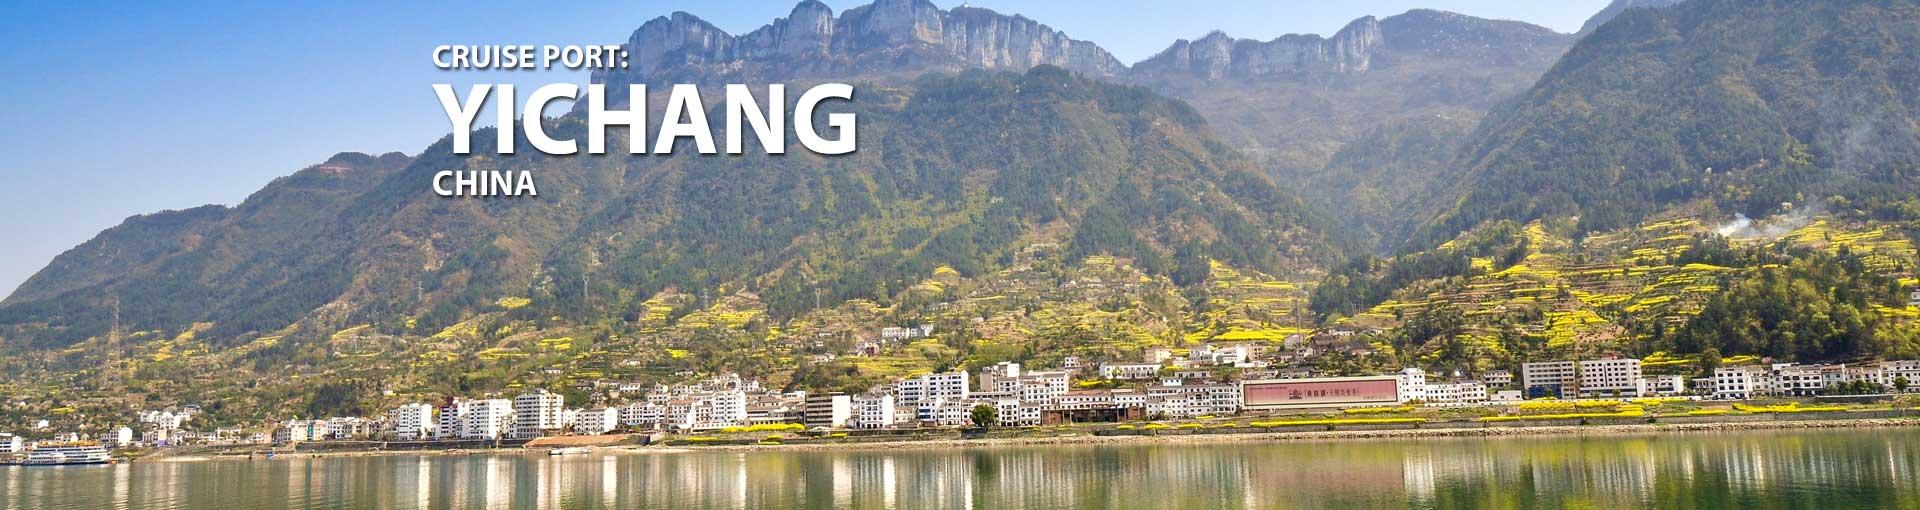 Cruises to Yichang, China